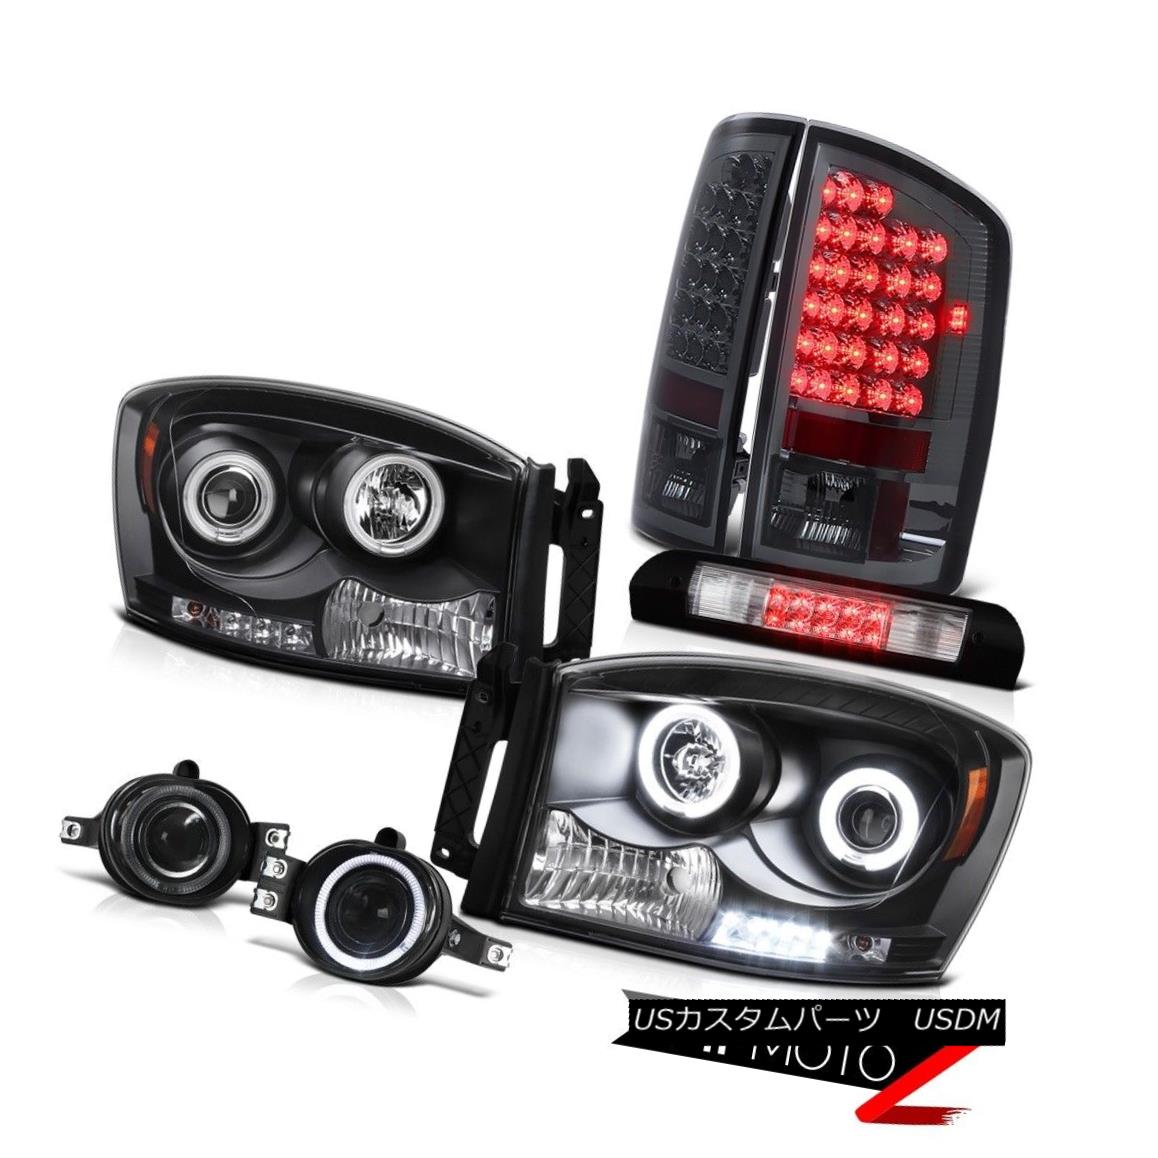 ヘッドライト 07-08 Ram 1500 Black CCFL Headlights LED Taillamp Glass Fog High Stop LED Chrome 07-08ラム1500ブラックCCFLヘッドライトLEDタイルランプガラスフォッグハイストップLEDクローム